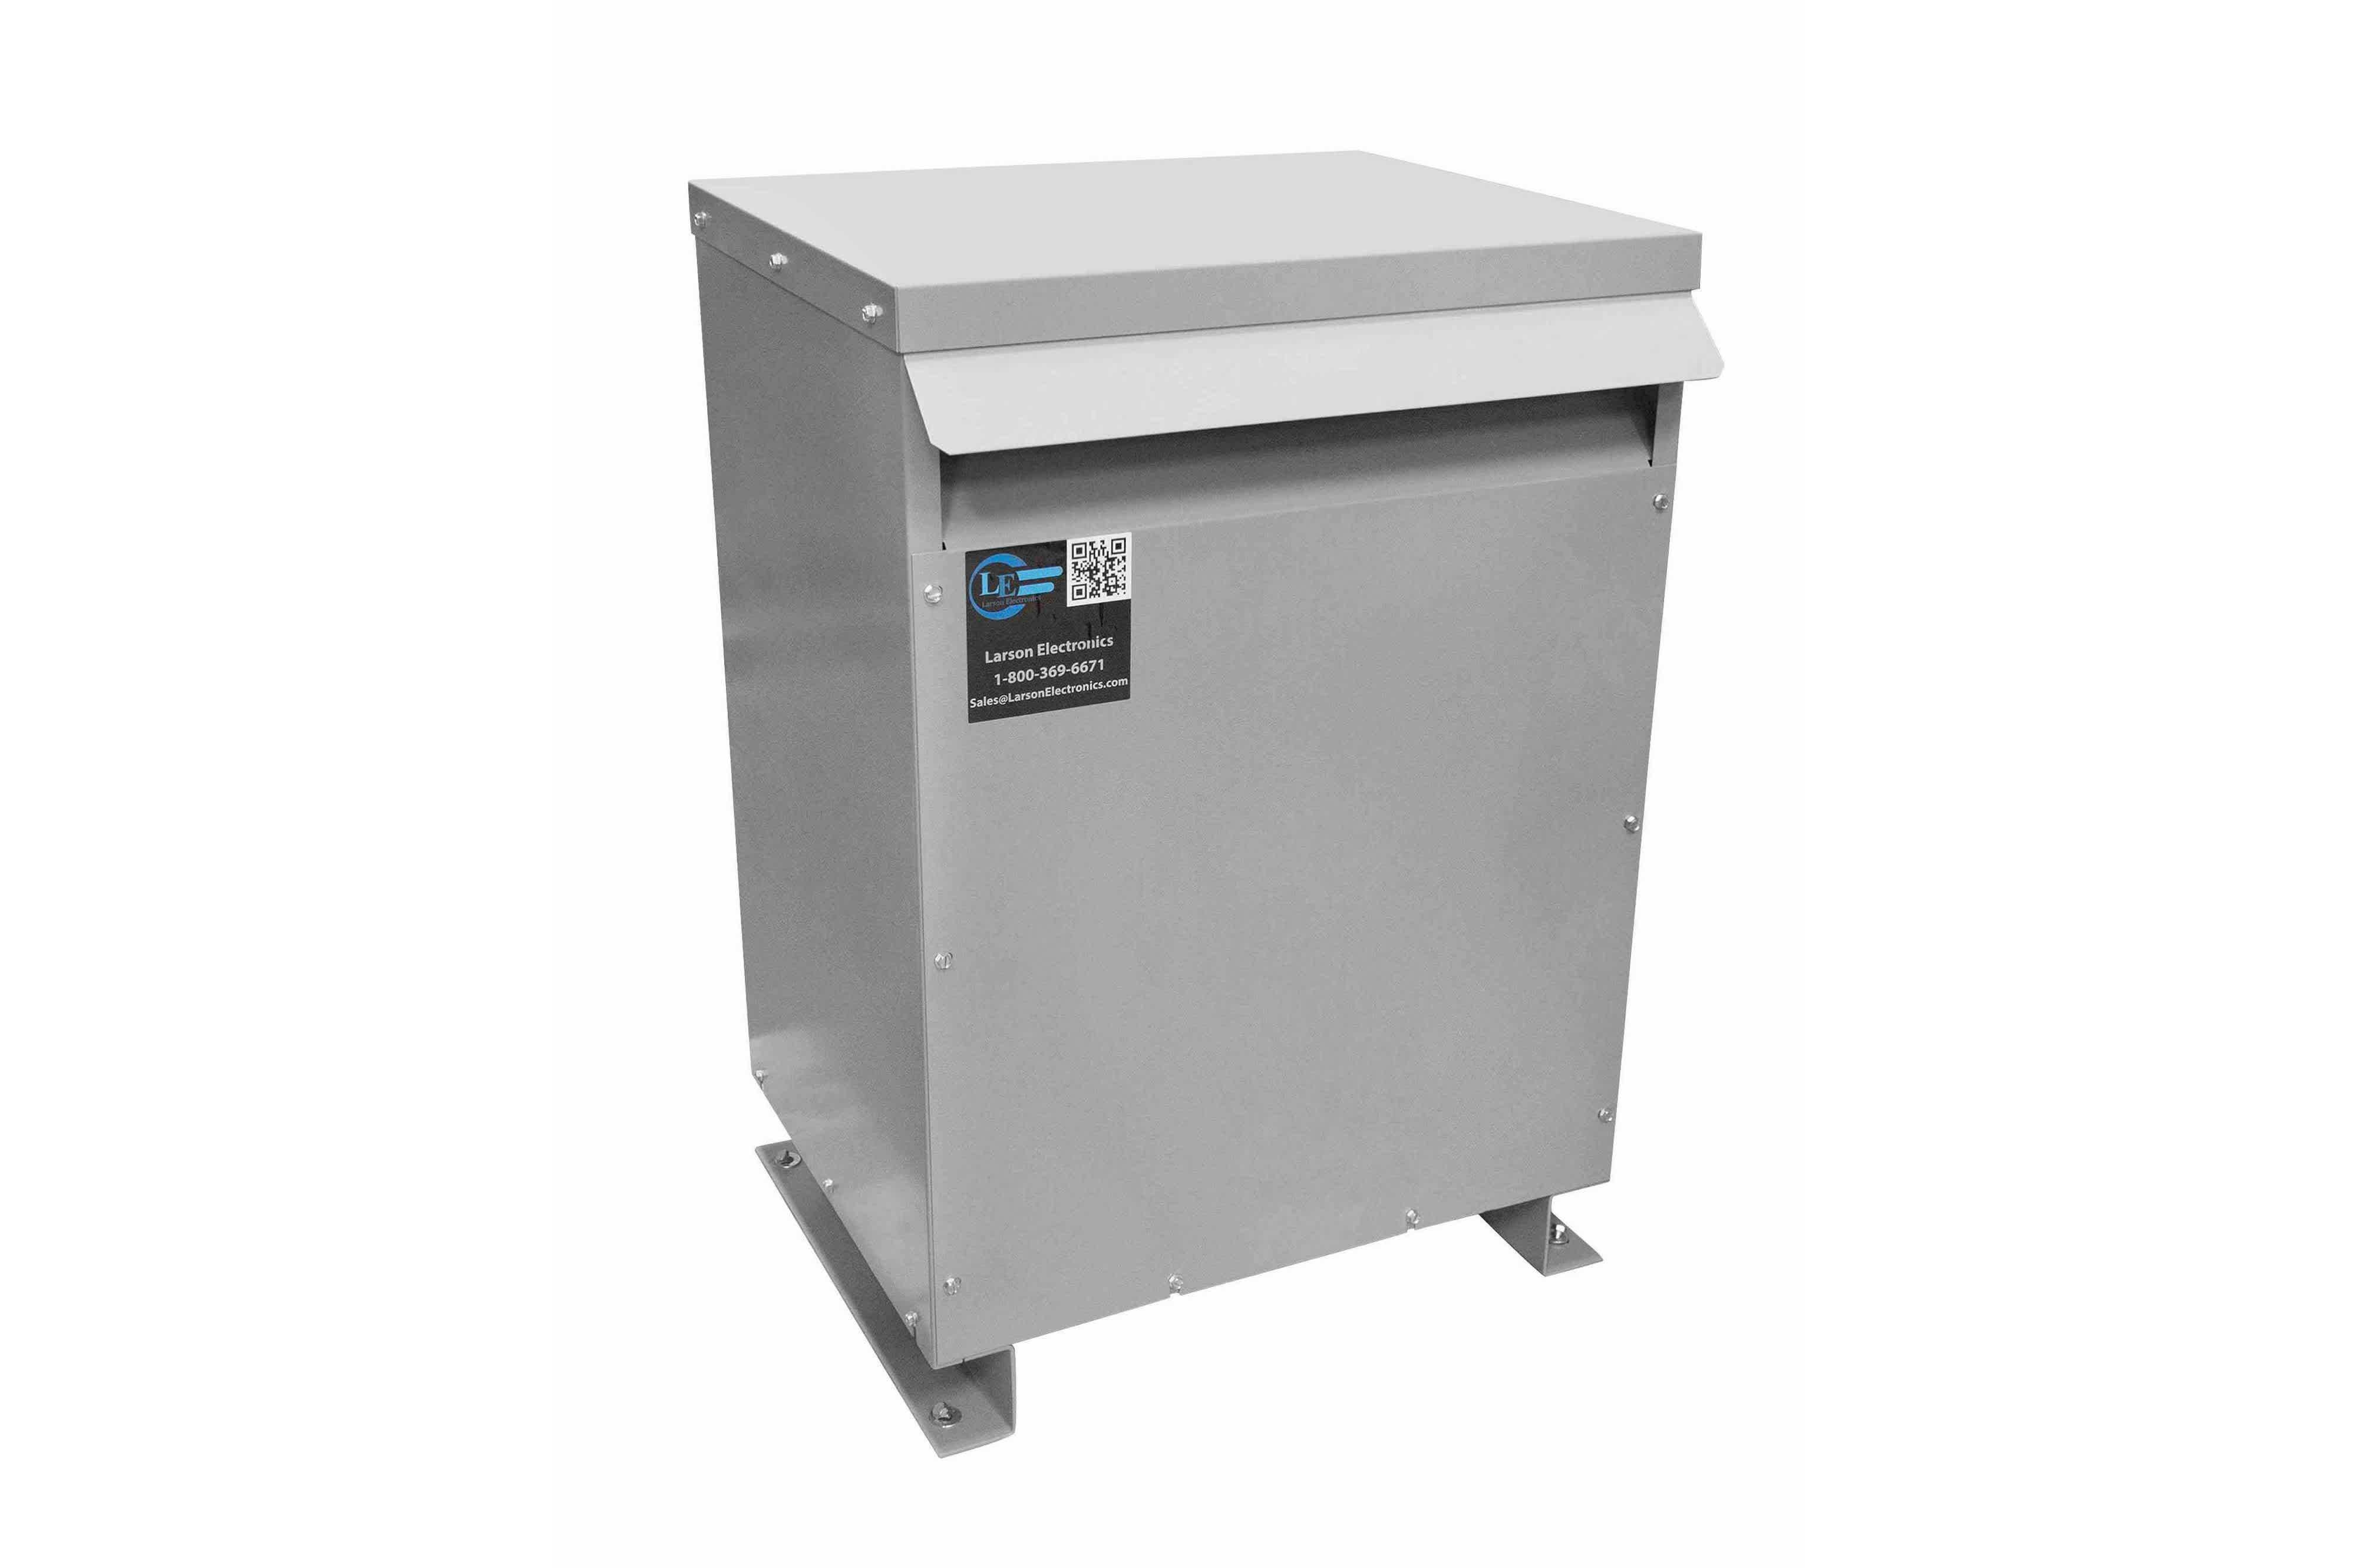 175 kVA 3PH Isolation Transformer, 208V Delta Primary, 600V Delta Secondary, N3R, Ventilated, 60 Hz